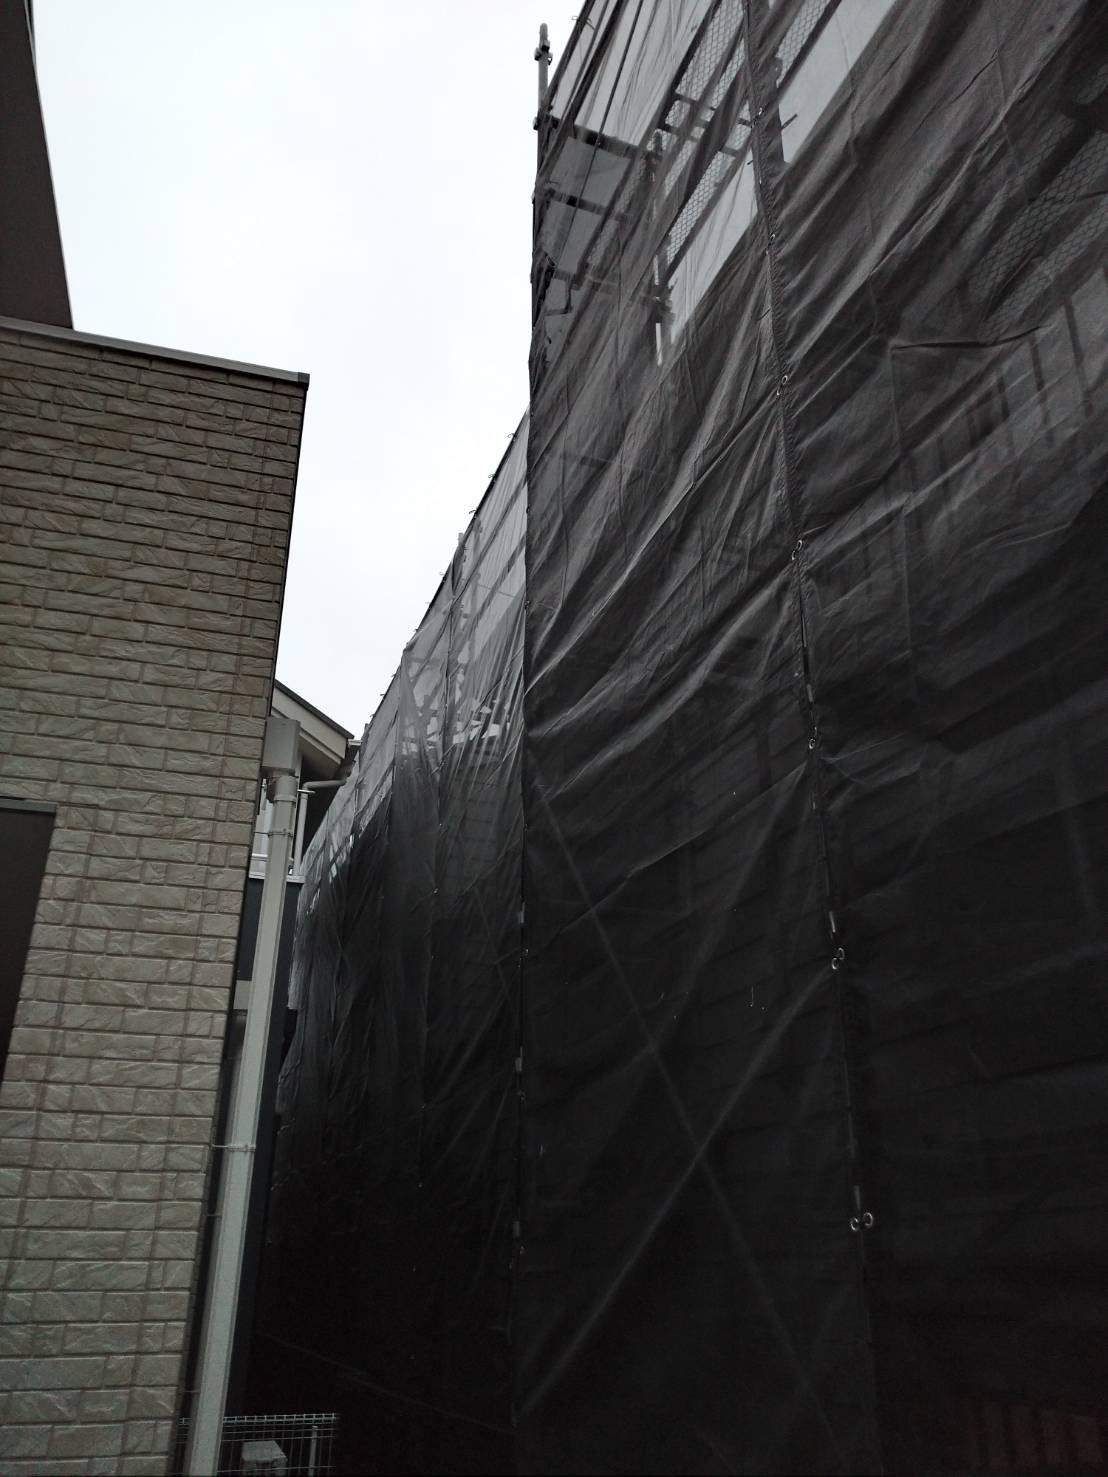 野崎工業 神奈川県逗子市                  足場工事 施工事例                                  屋根葺き替え 外壁塗装